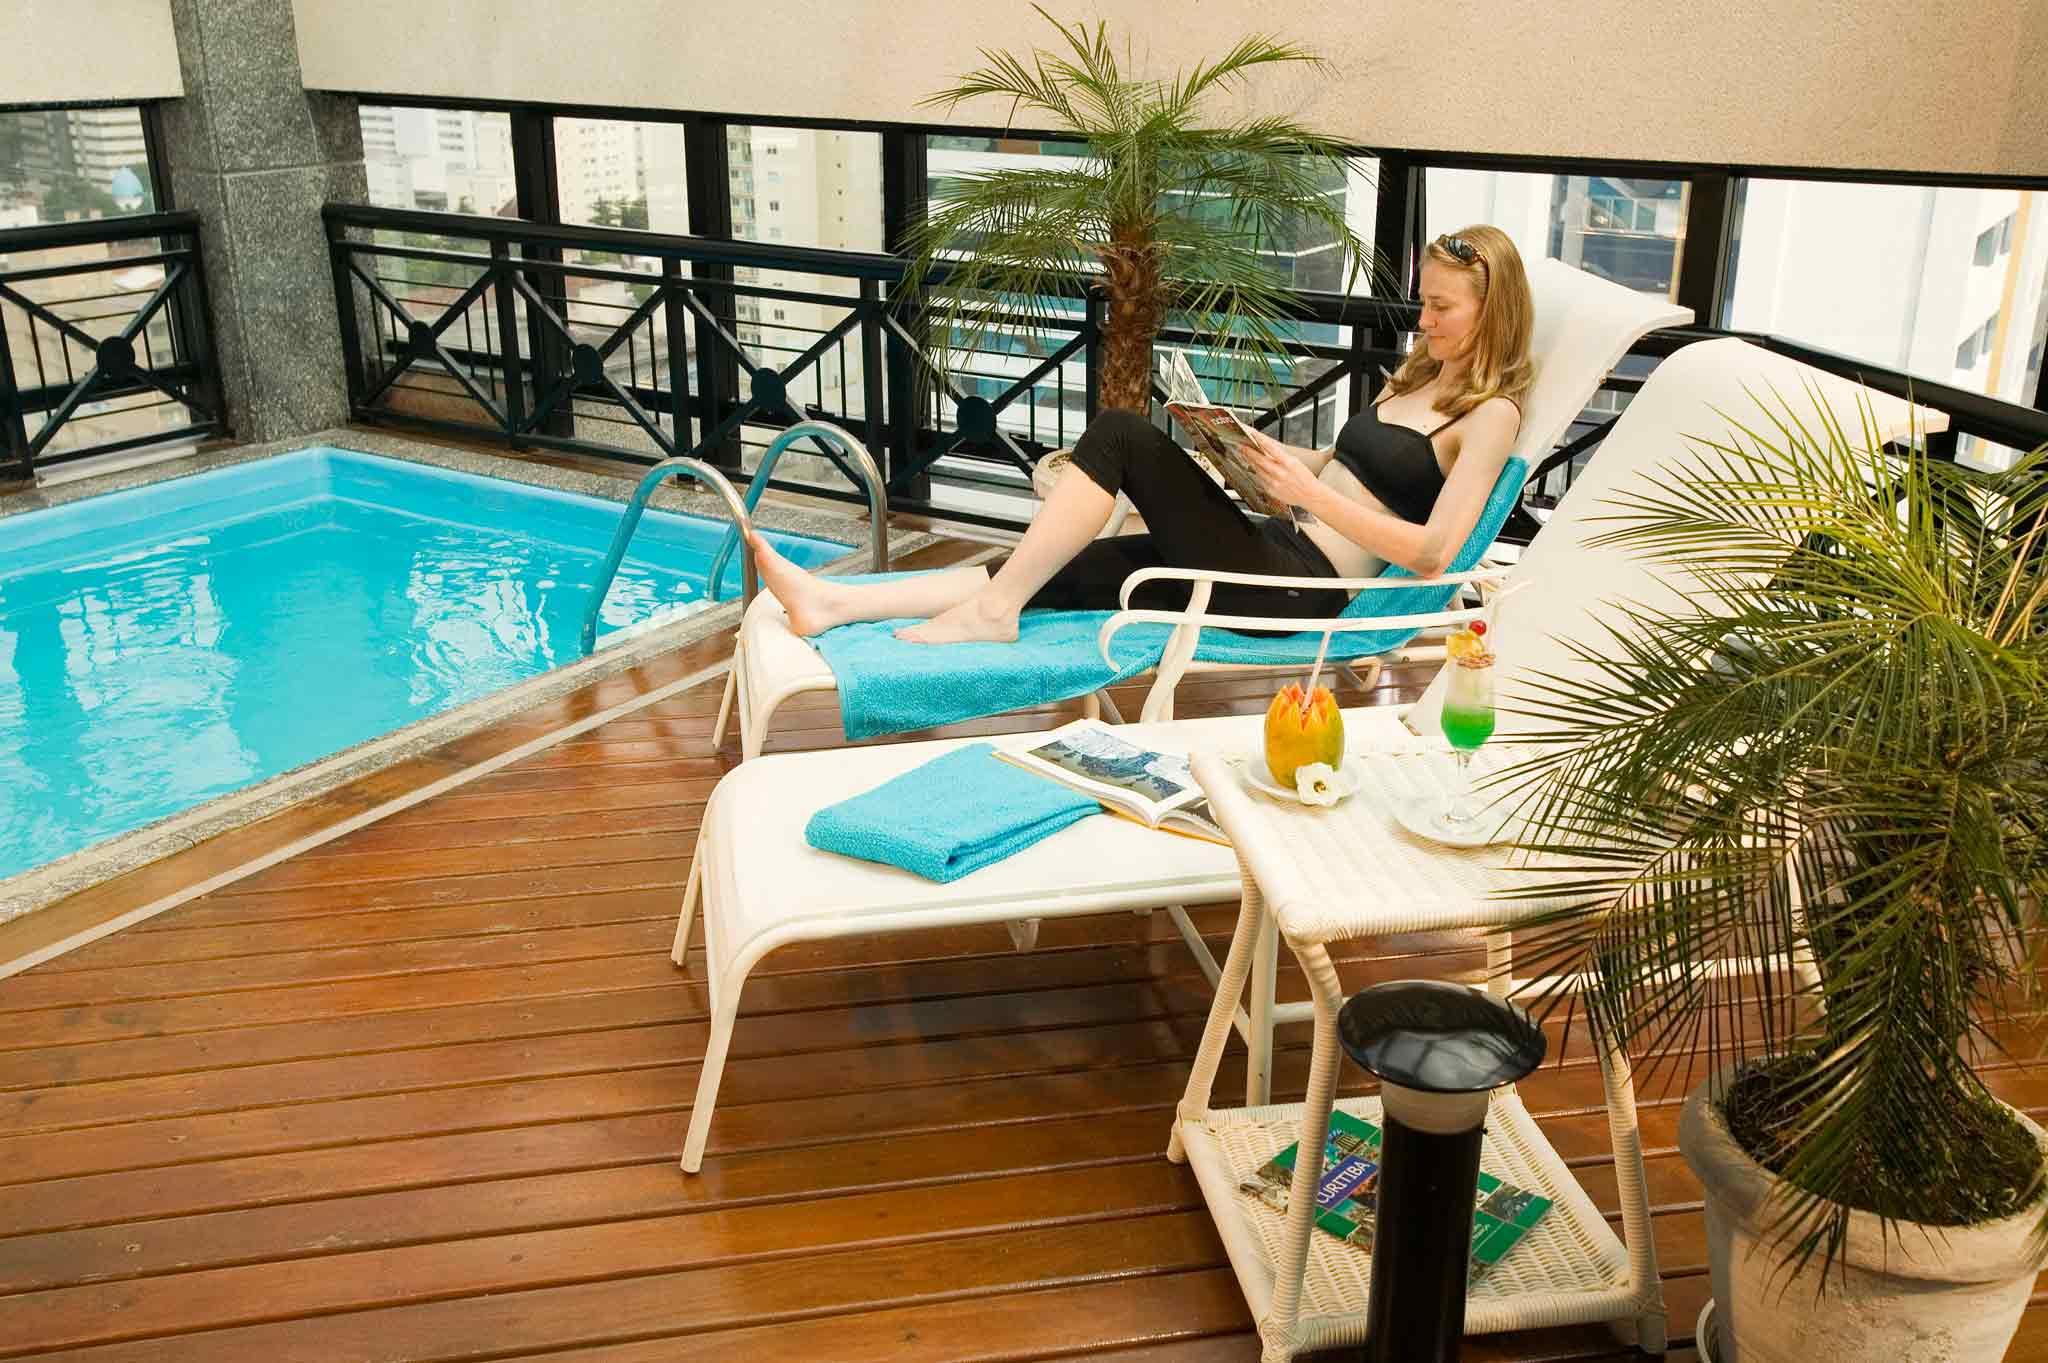 Mercure Curitiba Centrum rekreacyjne